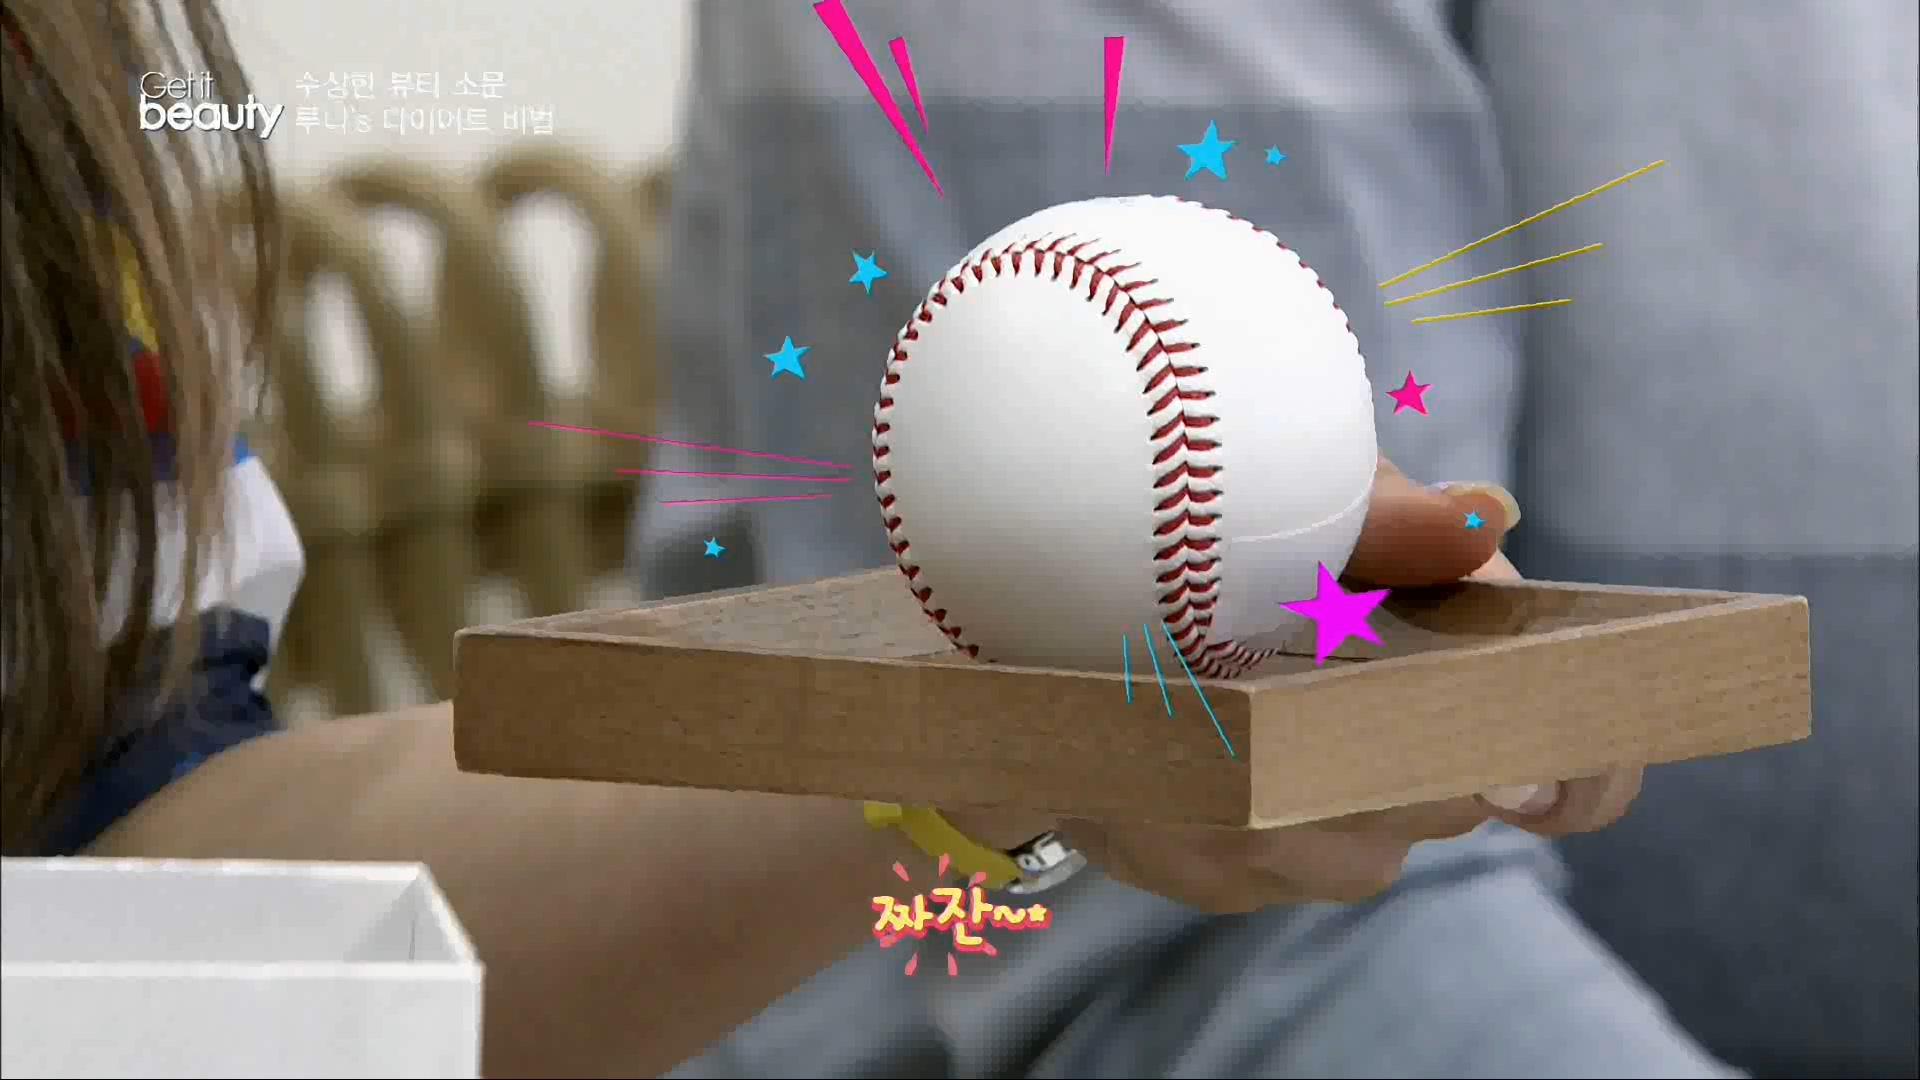 루나가 추천하는 하체 다이어트 비법 첫번째는 바로 야구공입니다!